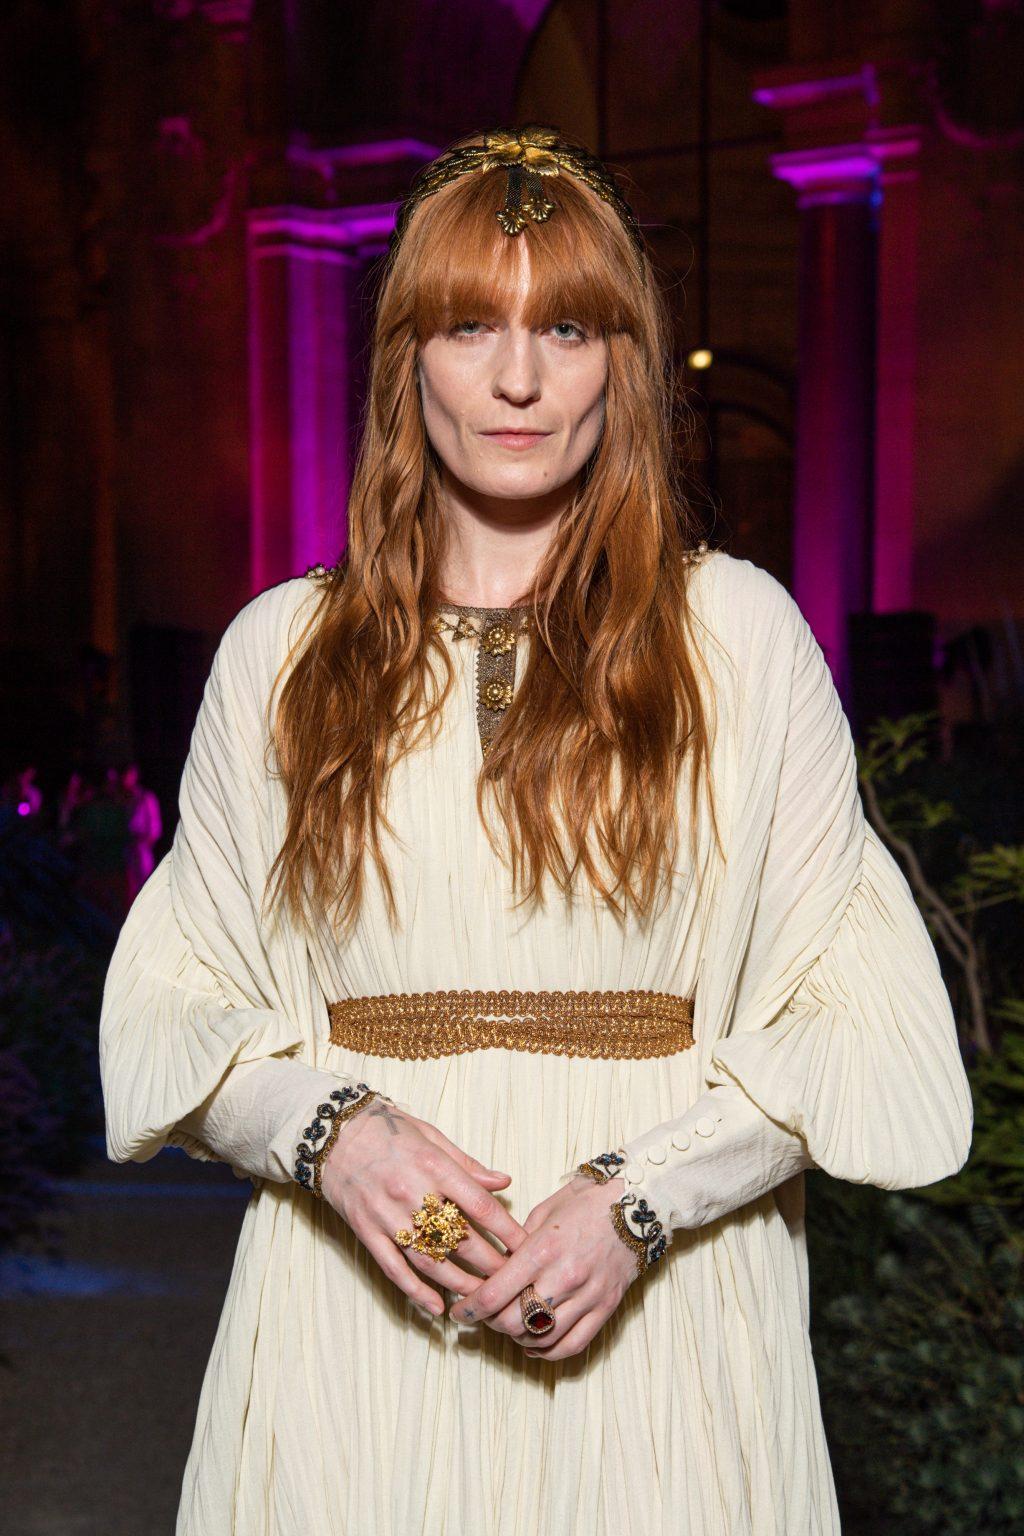 Đại sứ thương hiệu Gucci mặc váy dài màu trắng ngà và đeo trang sức cao cấp